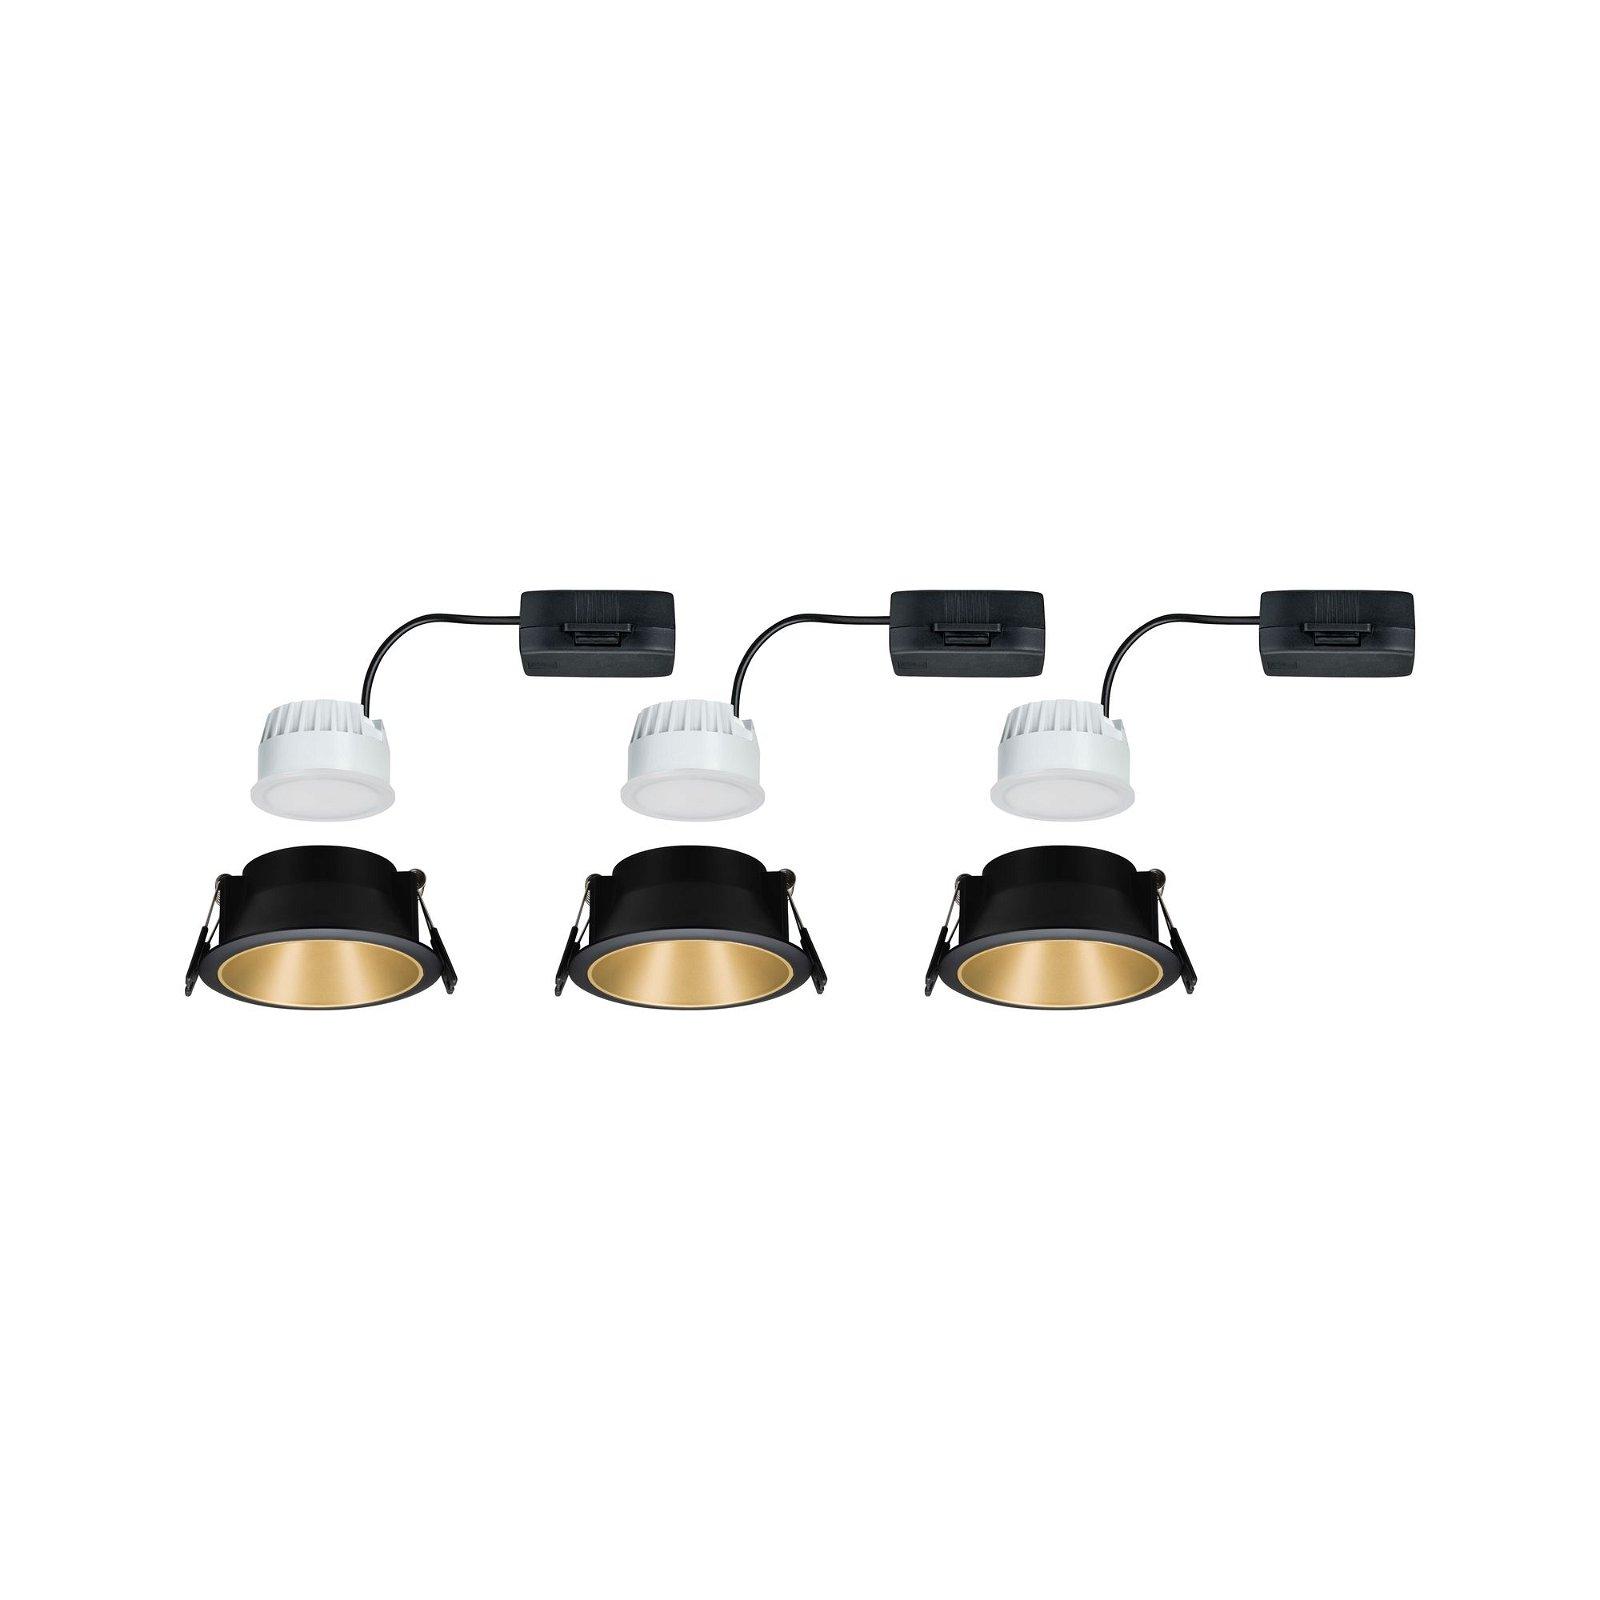 Spot encastré LED 3-Step-Dim Cole Coin Kit de base IP44 rond 88mm Coin 3x6,5W 3x460lm 230V 2700K Noir/Doré mat